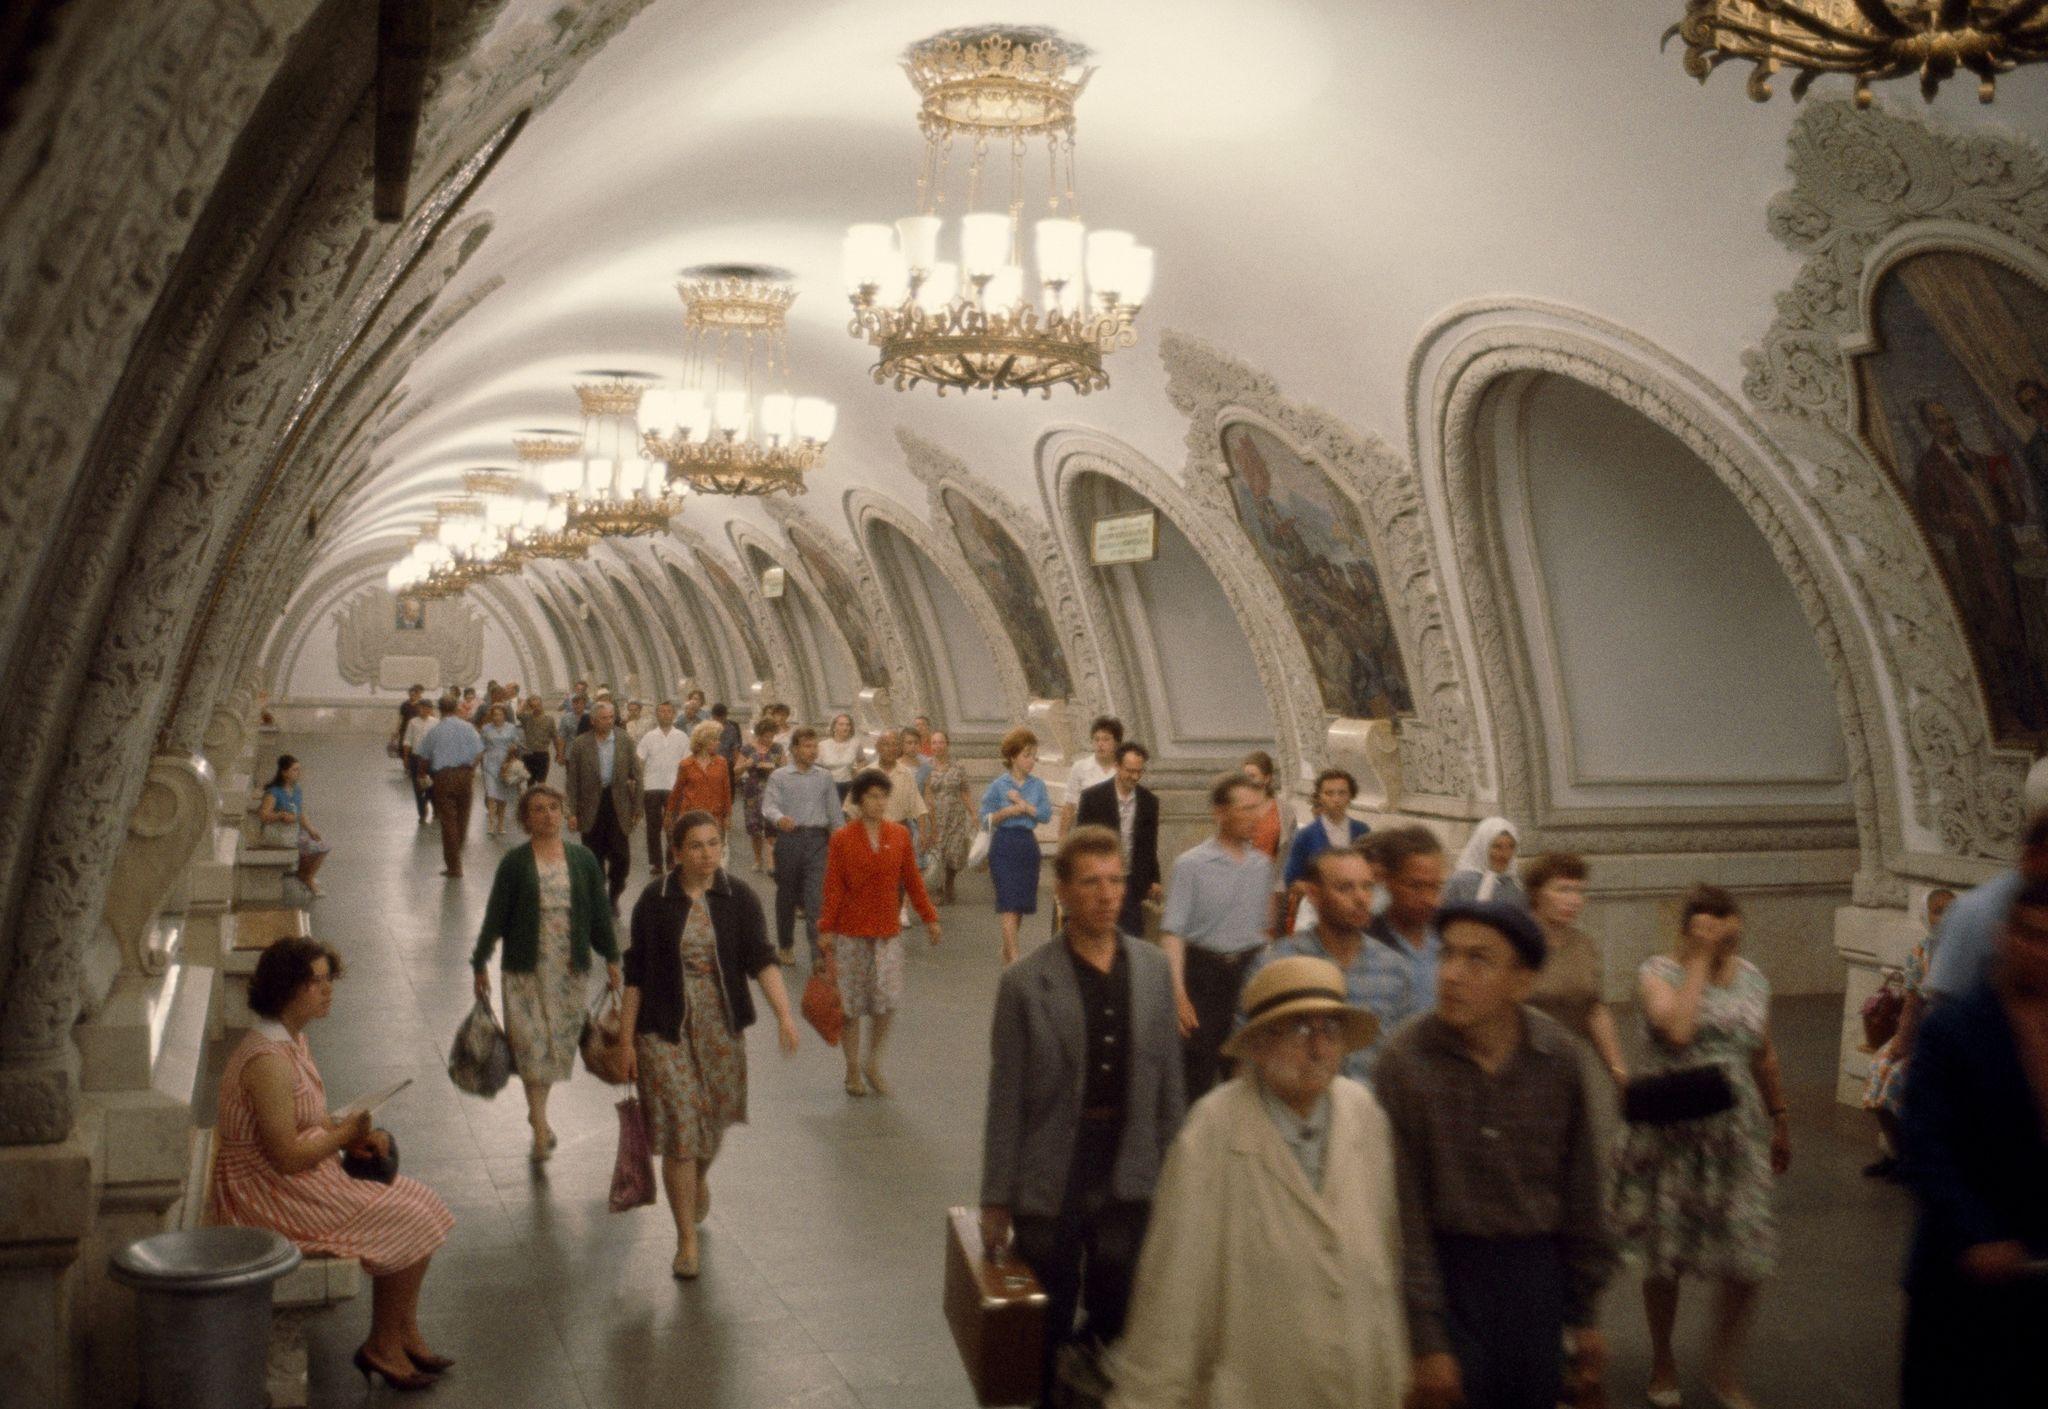 1964. Пассажиры толкаются в коридорах метро, украшенных картинами